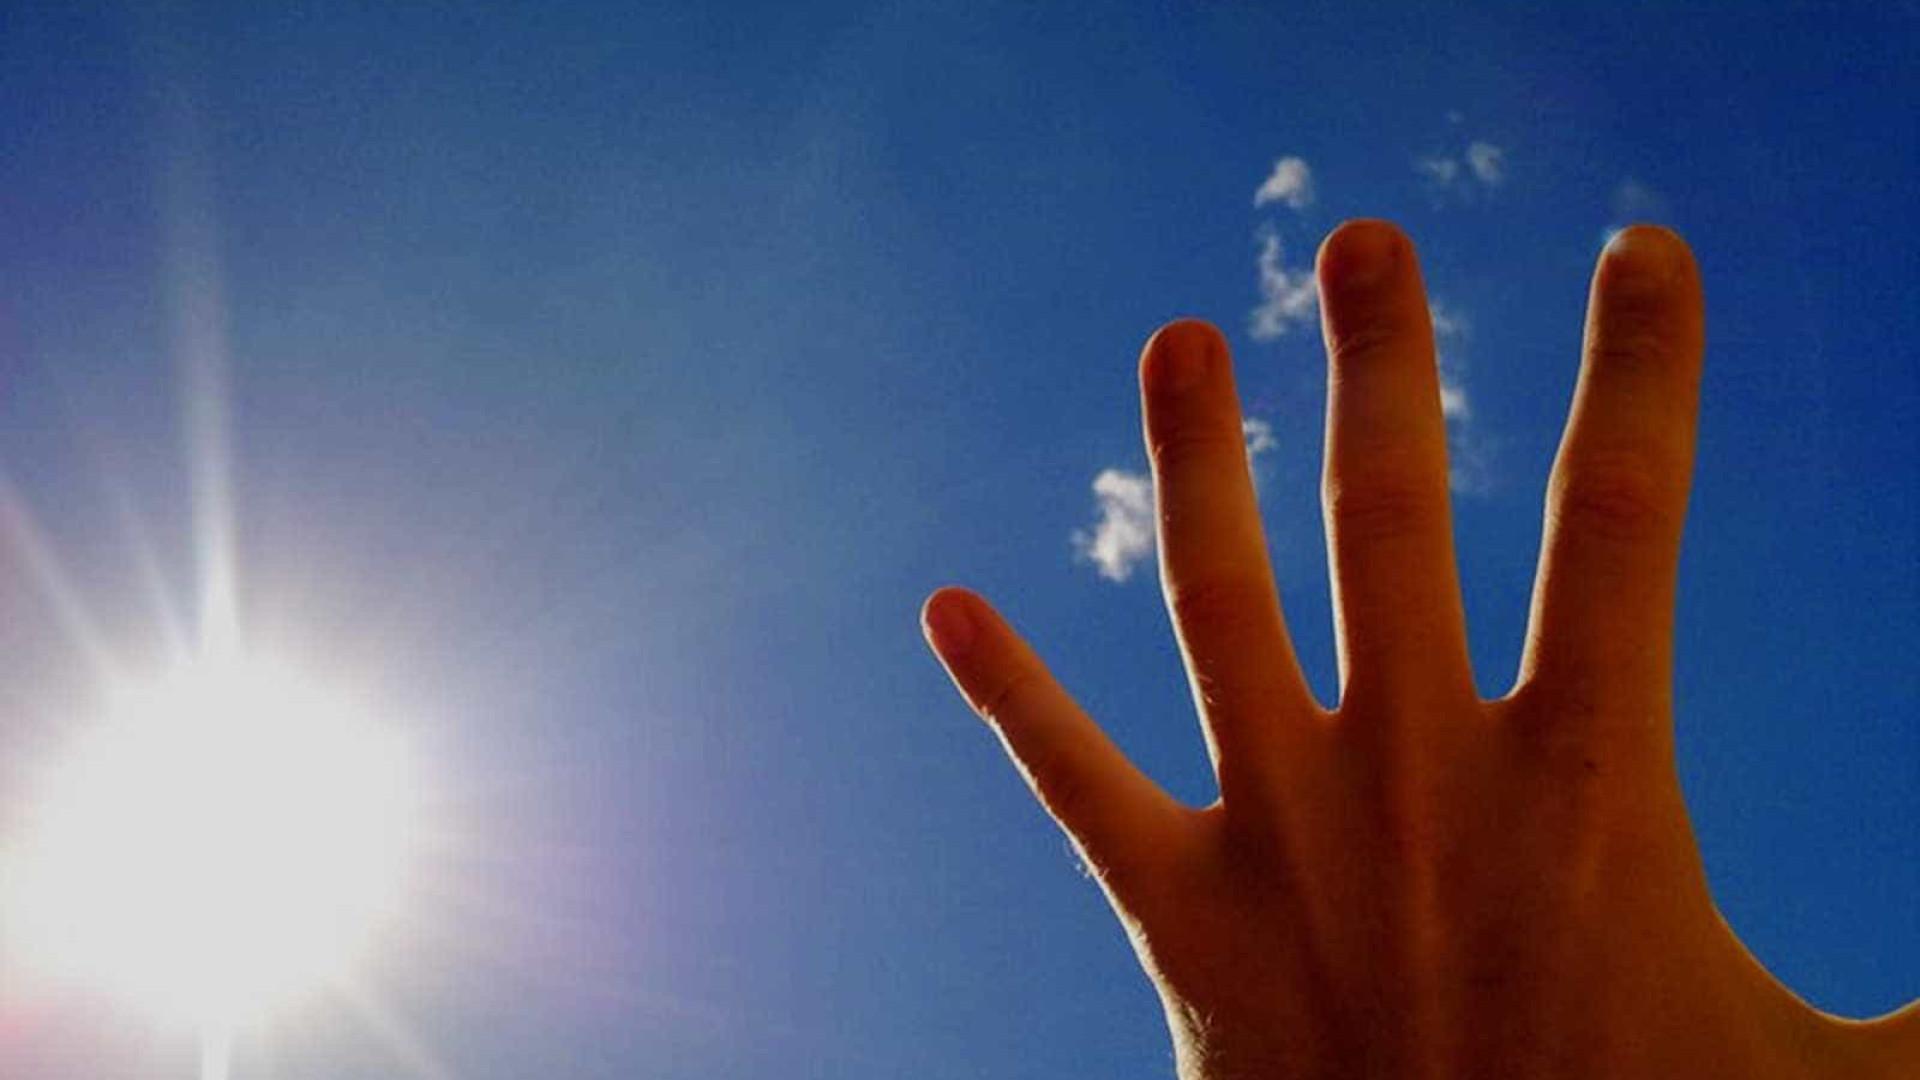 Fim de semana com temperatura amena no Litoral e perto dos 40 no Interior